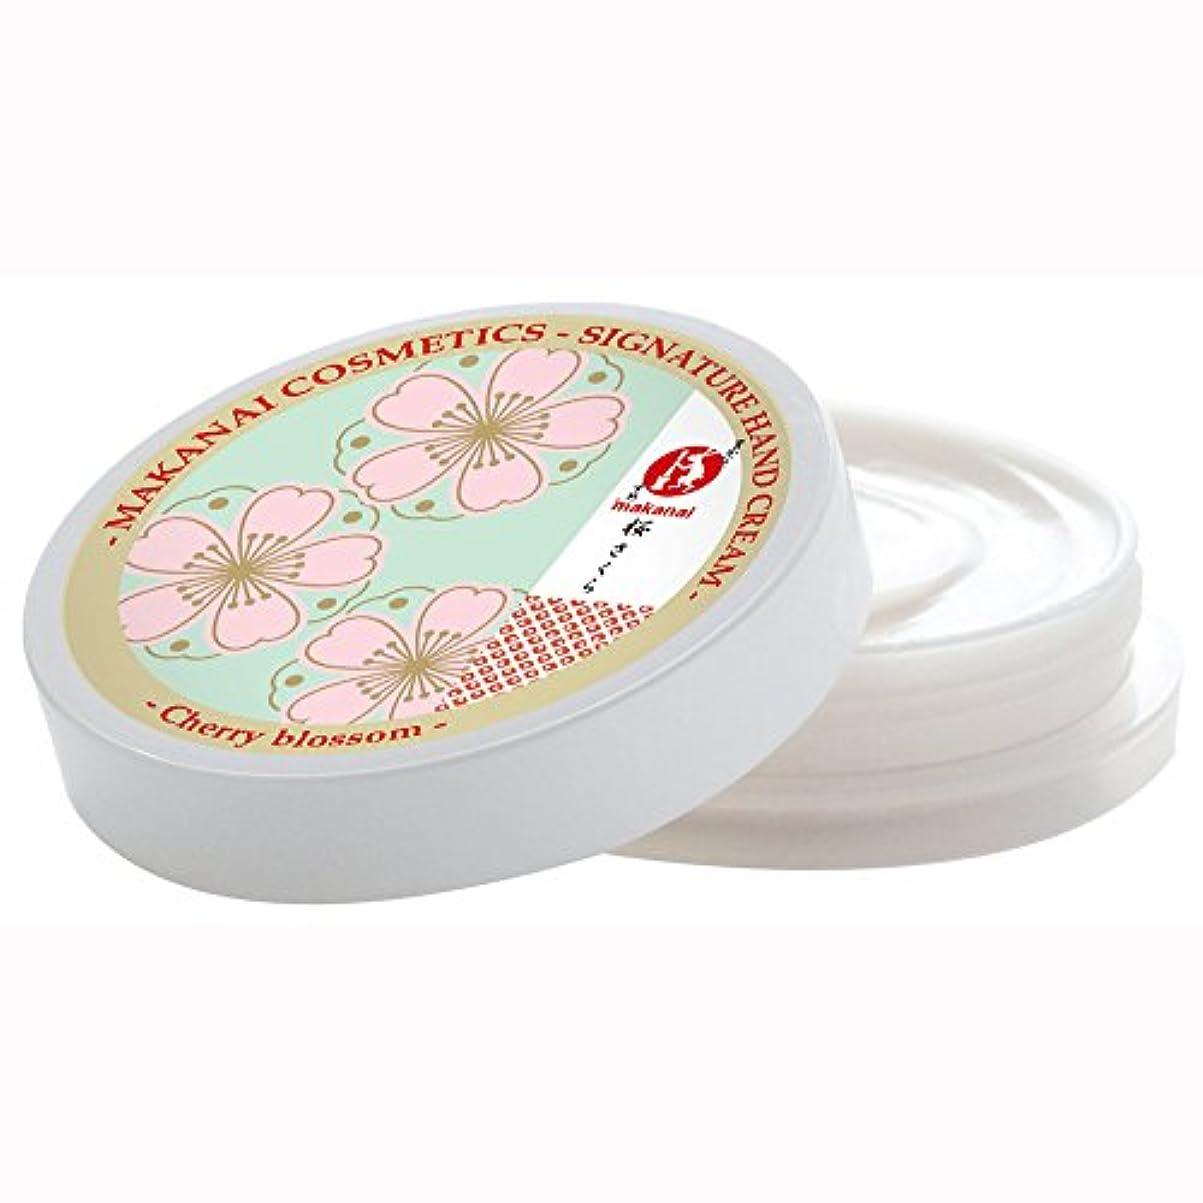 レザー発明する感心するまかないこすめ 四季折々 絶妙レシピのハンドクリーム(桜)